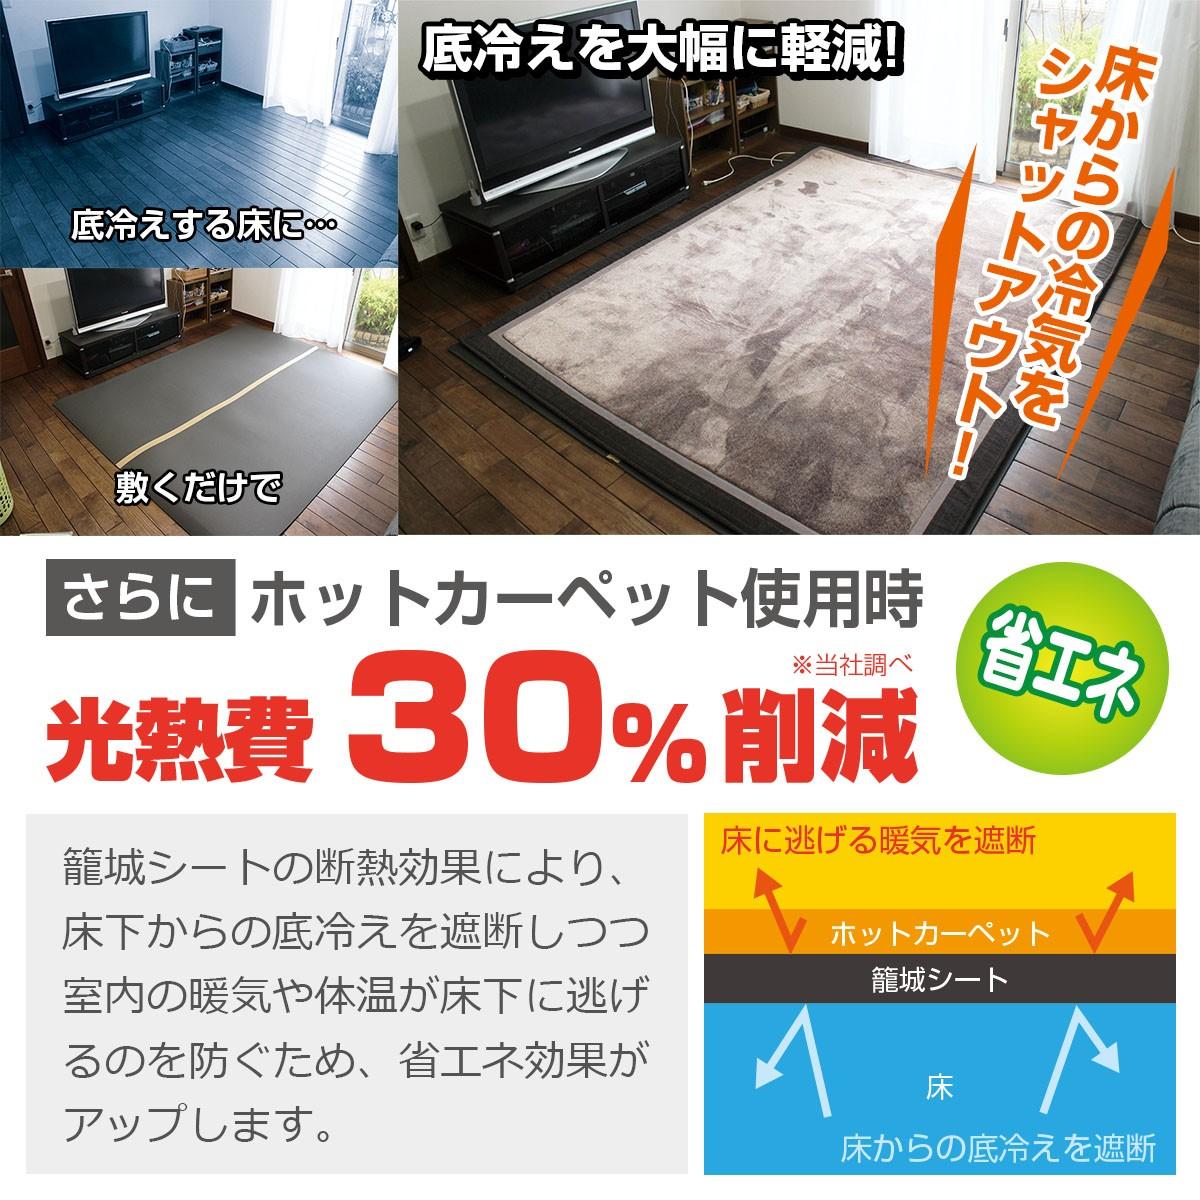 底冷えする床に敷くだけで底冷えを大幅に軽減 床からの冷気をシャットアウト!さらにホットカーペット使用時光熱費30%削減(当社調べ) 籠城シートの断熱効果により、床下からの底冷えを遮断しつつ室内の暖気や体温が床下に逃げるのを防ぐため、省エネ効果がアップします。